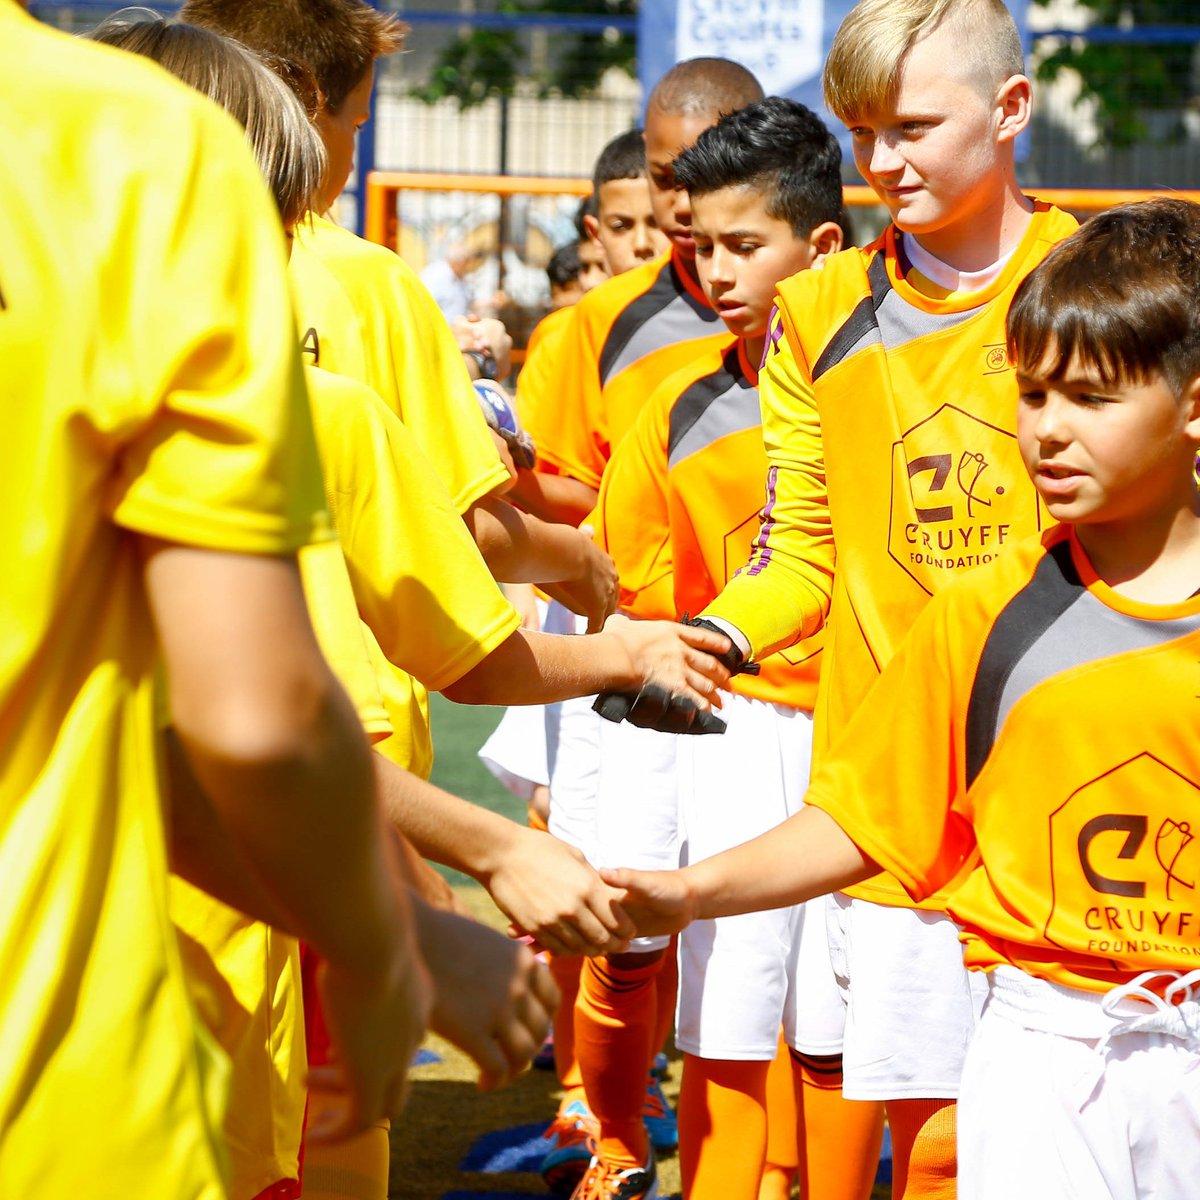 El deporte es cuestión de valores. 🤝  #CreatingSpace #CruyffLegacy